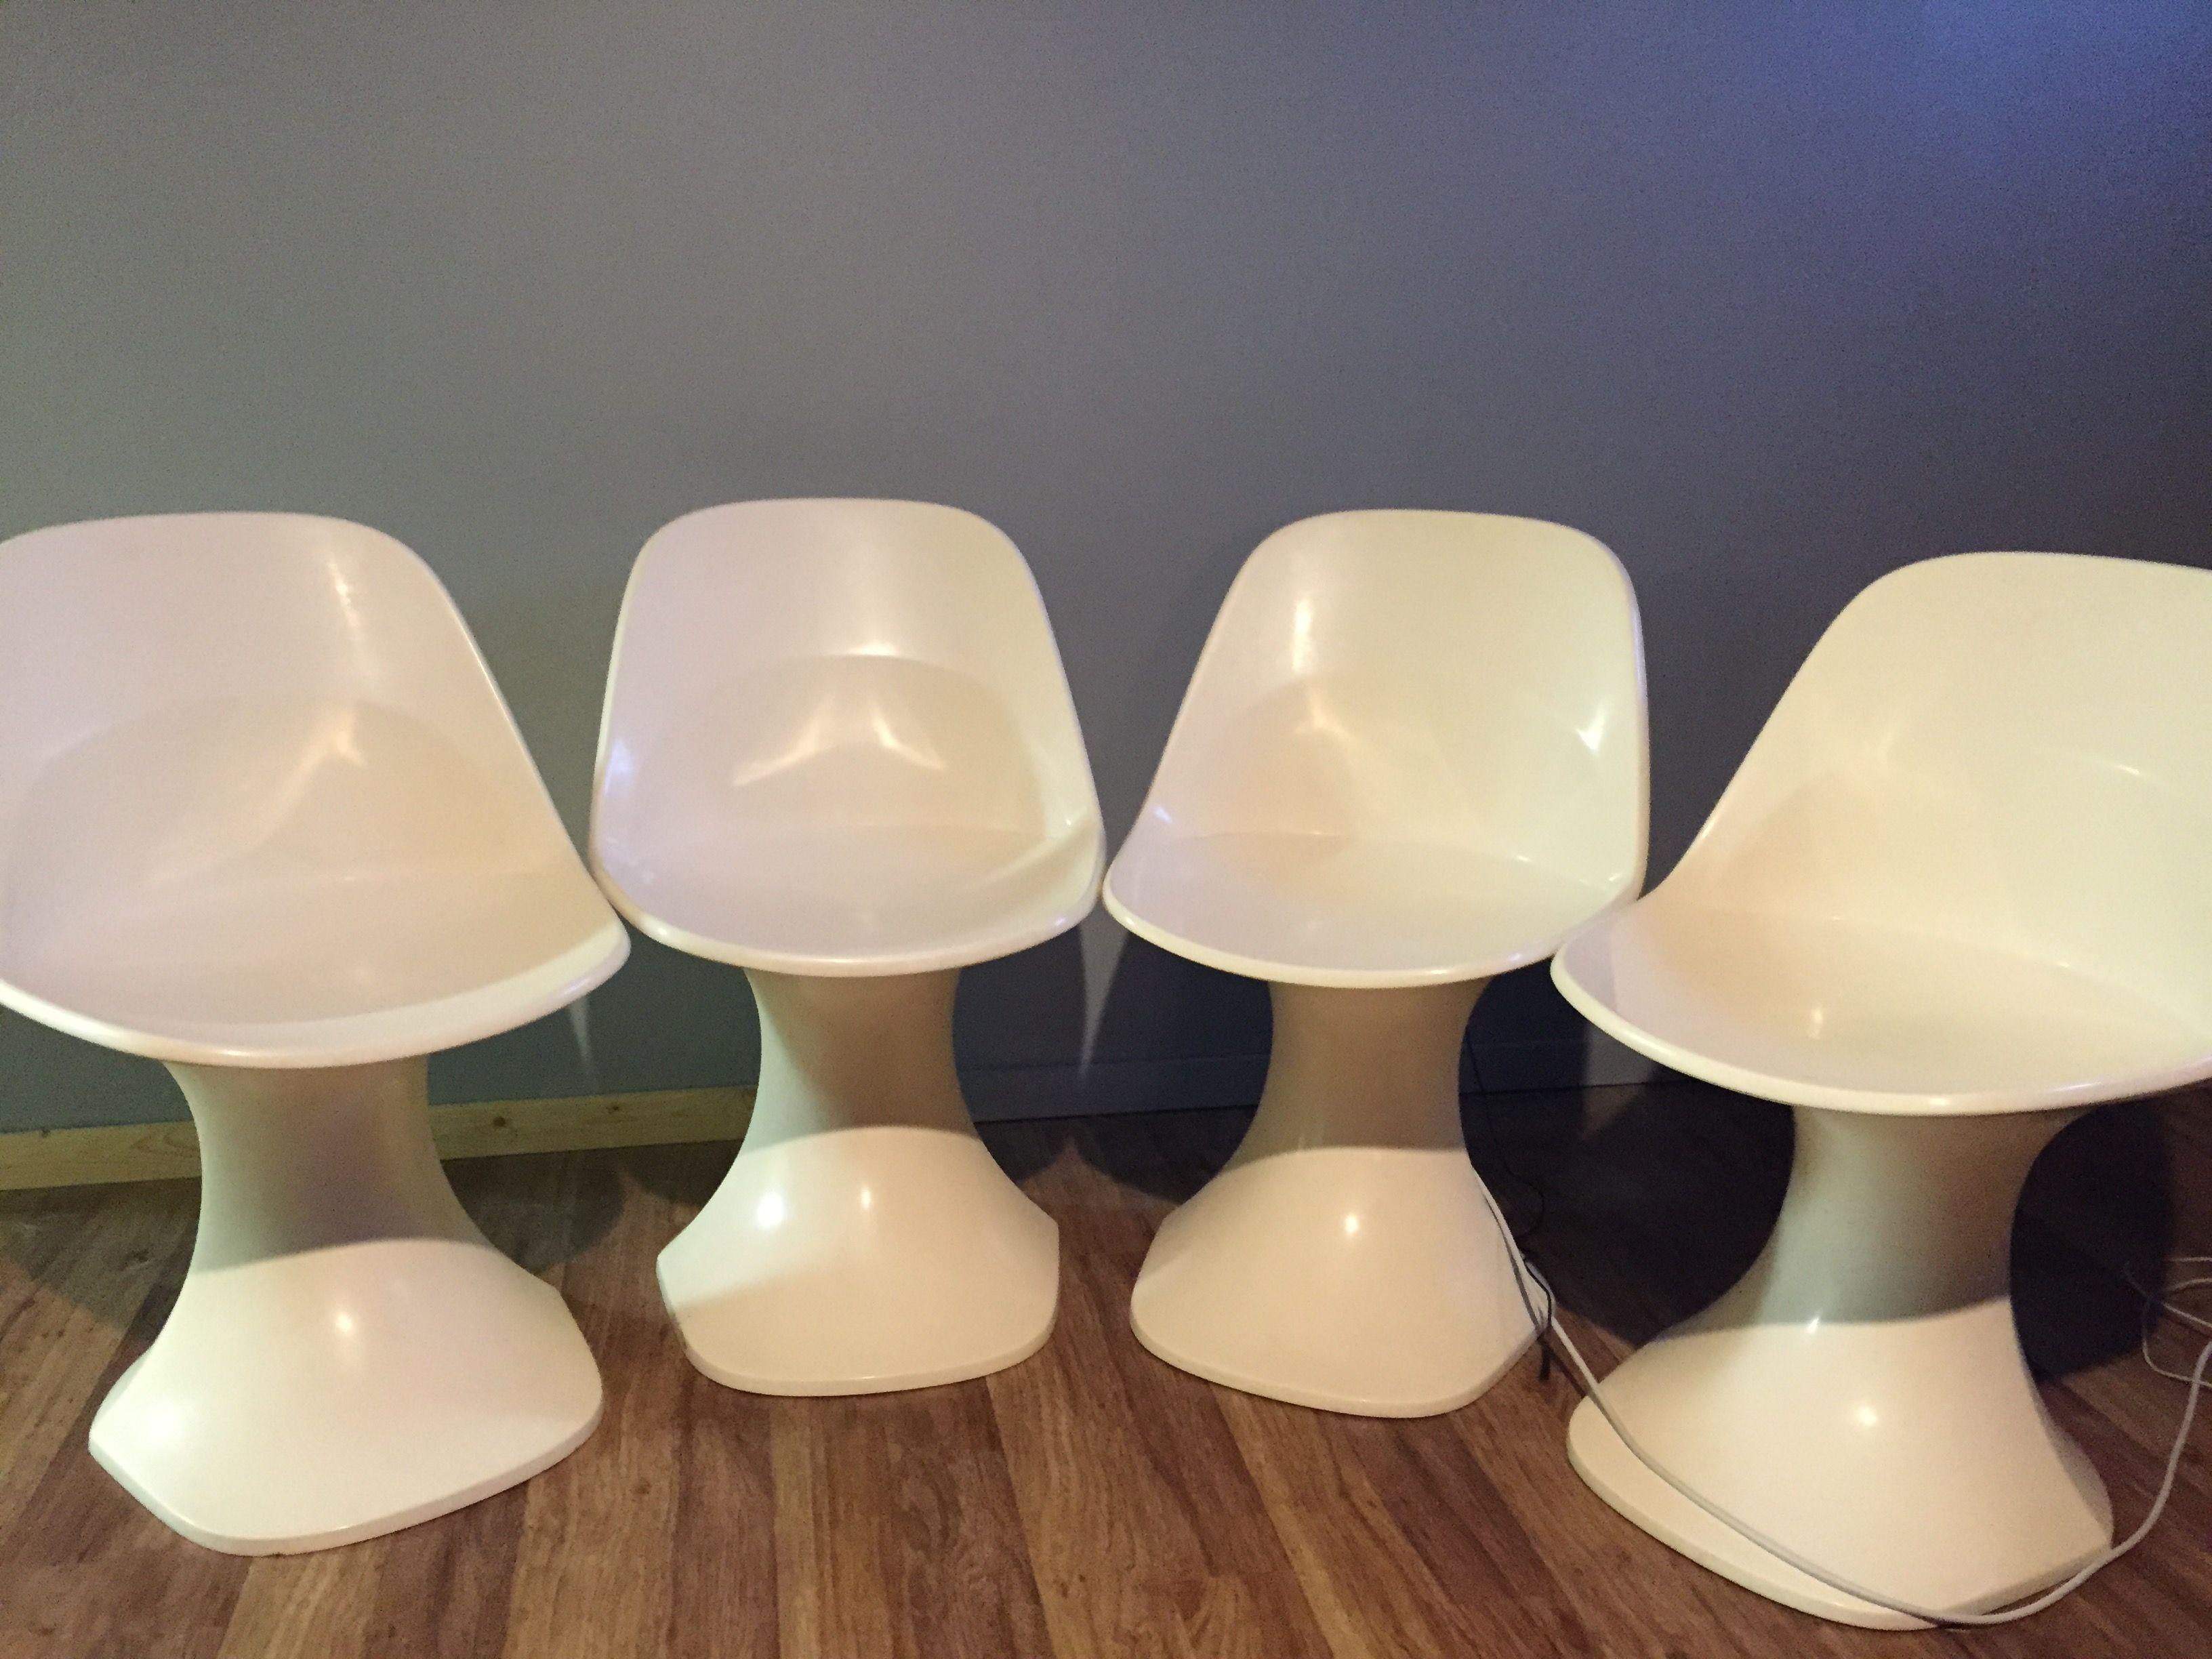 60 s fiberglass chairs by Perttu Mentula for PMD Design Finland